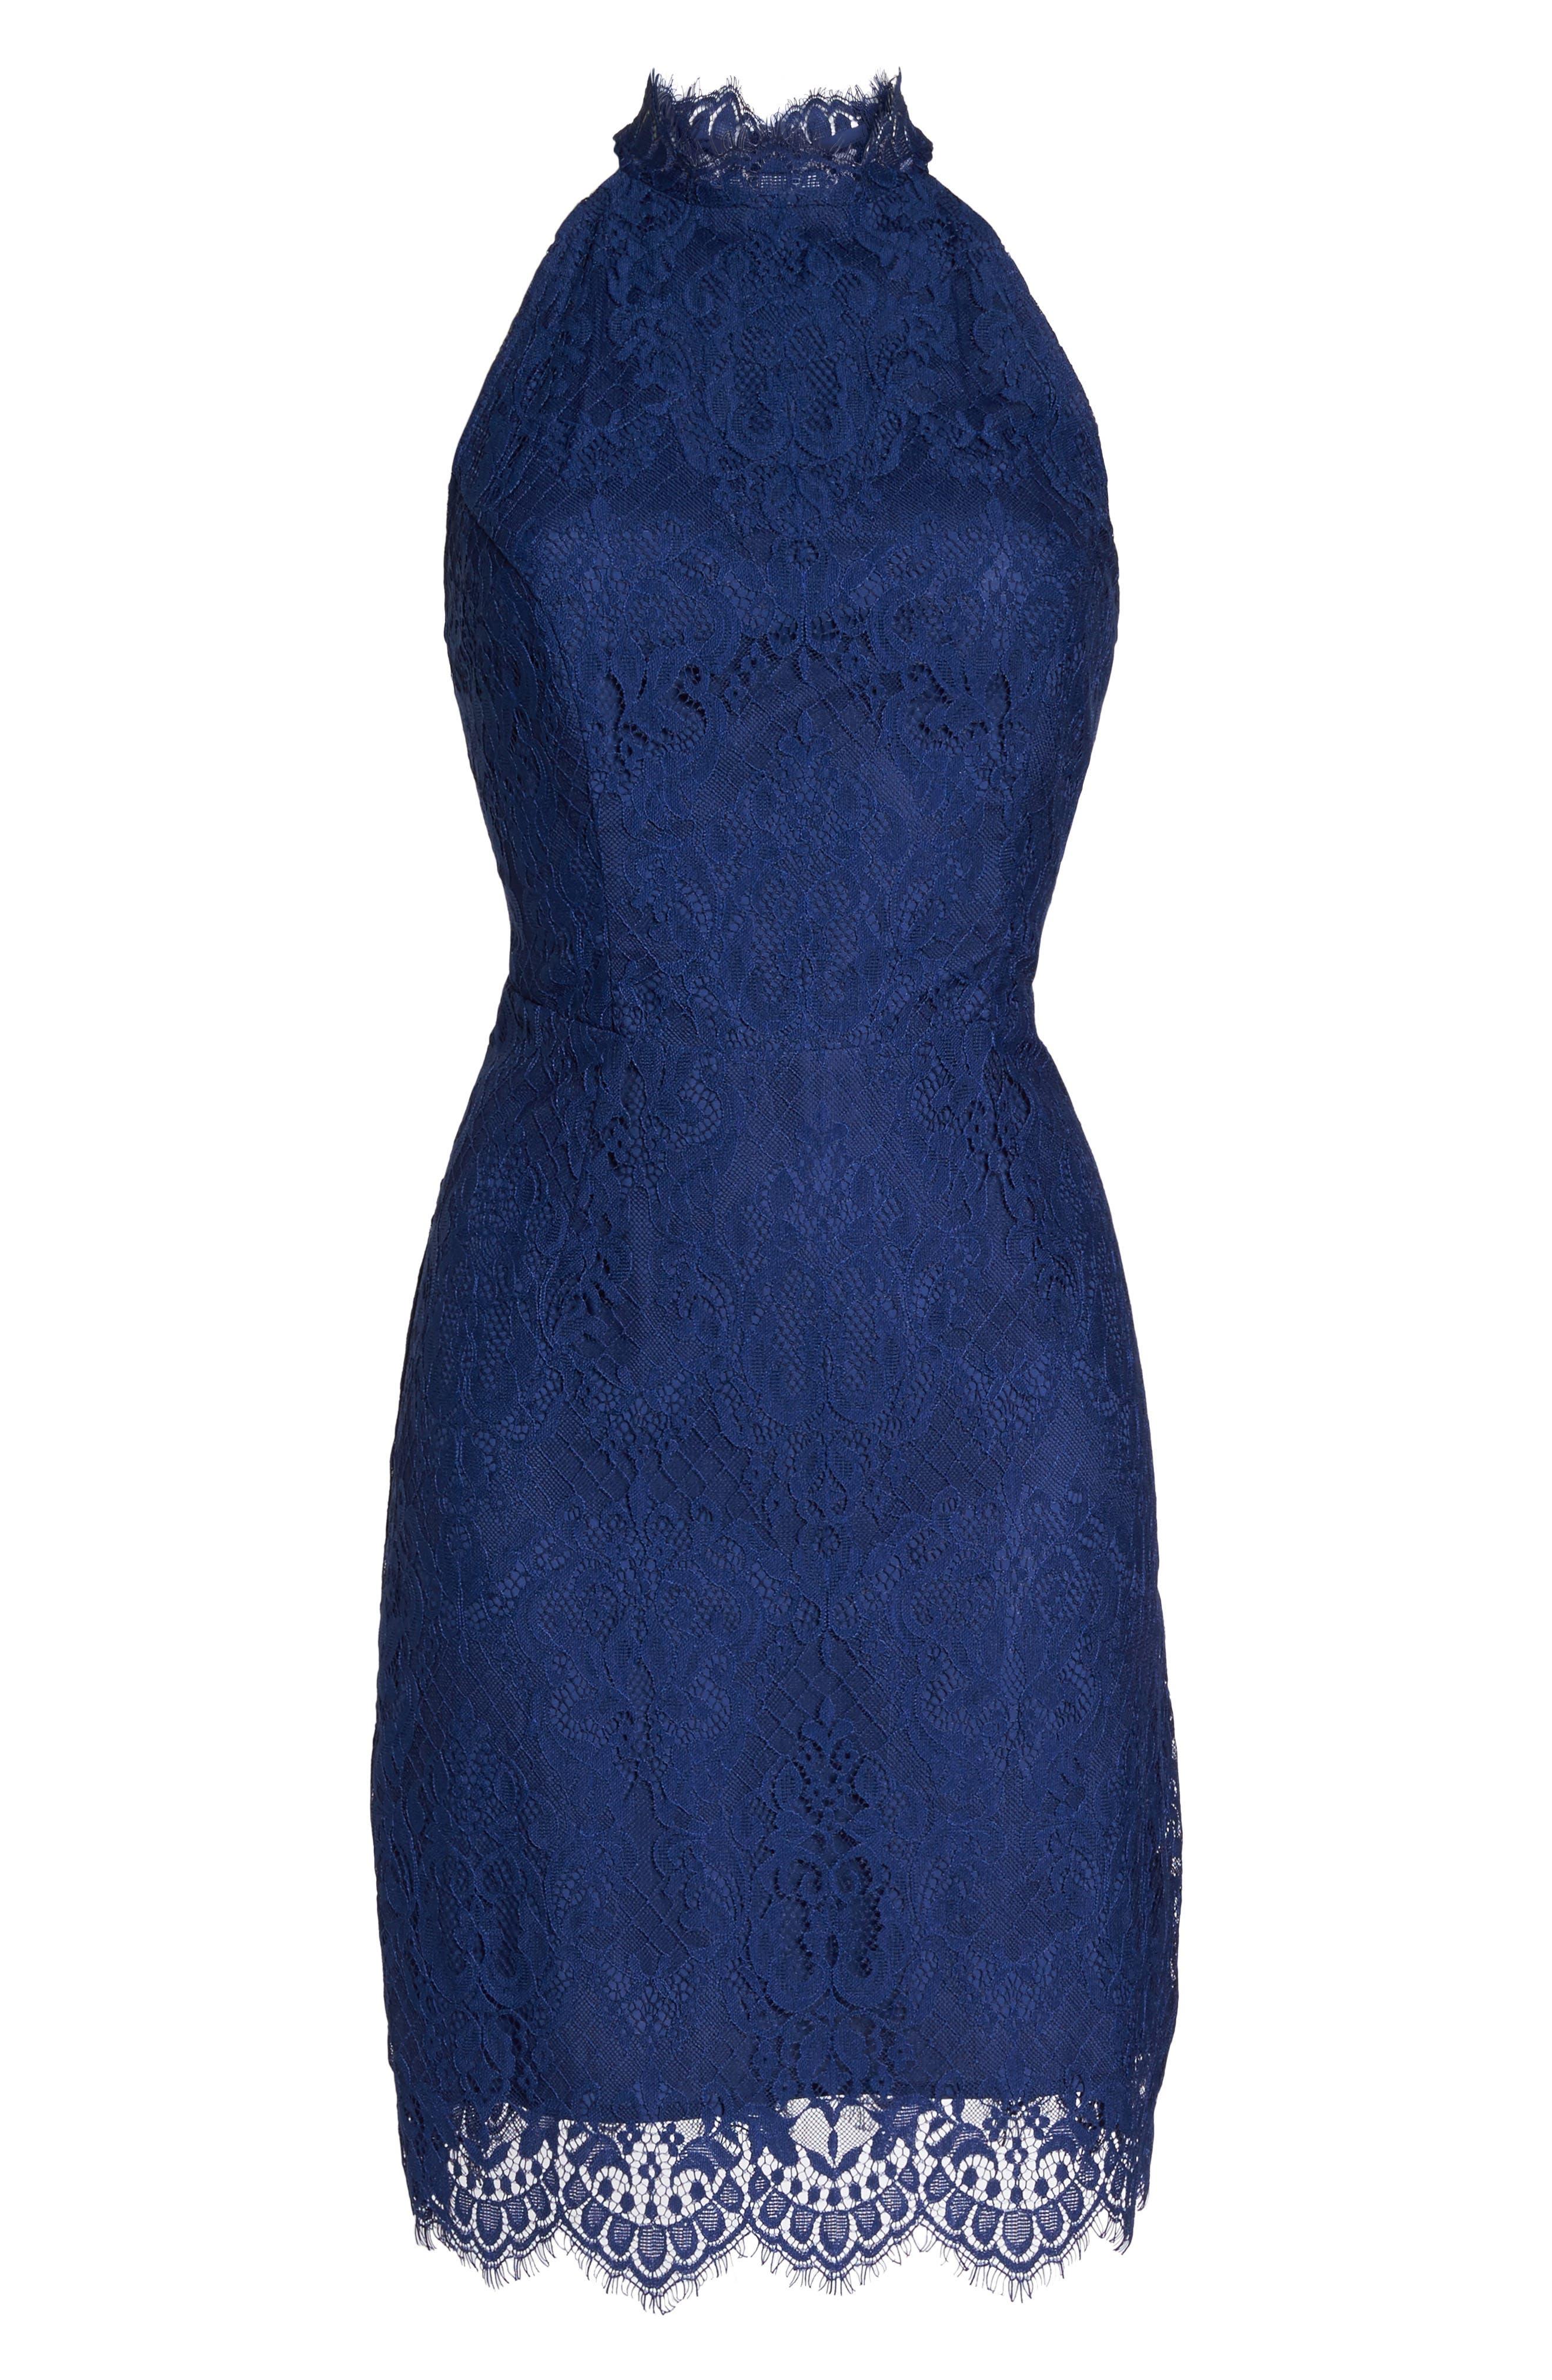 Cherie Lace Halter Sheath Dress,                             Alternate thumbnail 6, color,                             Blue